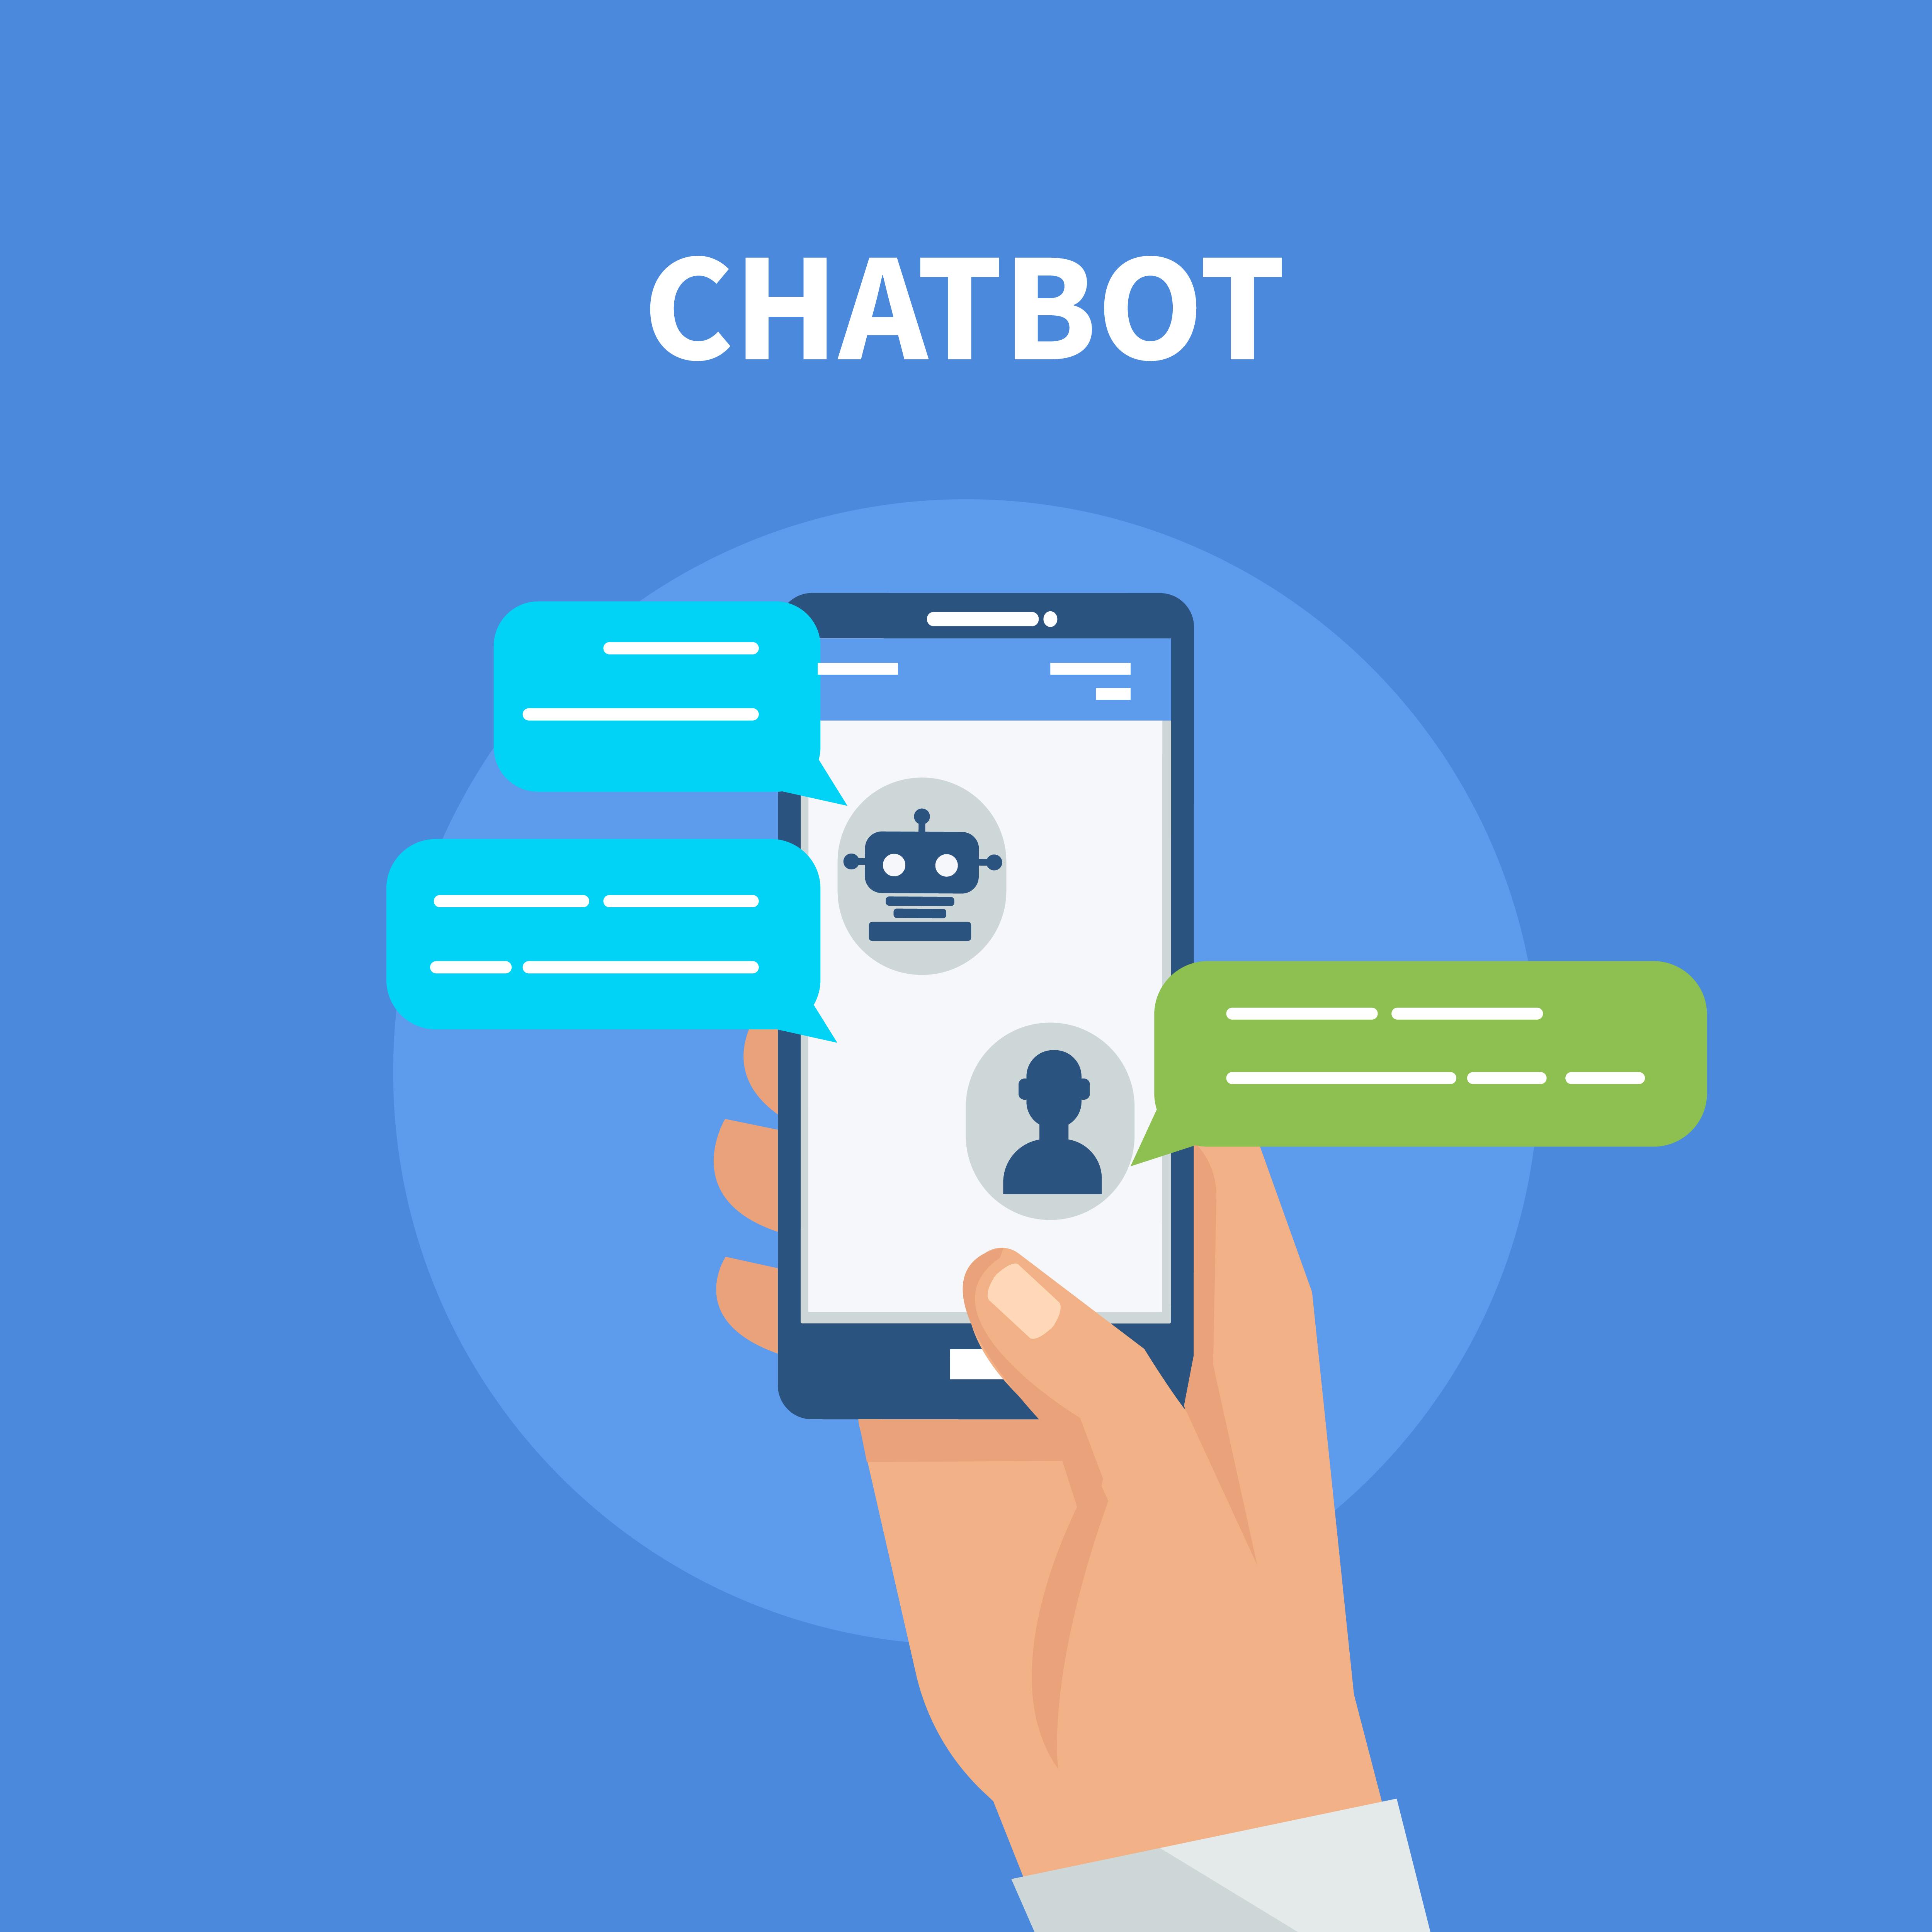 sext chat bot